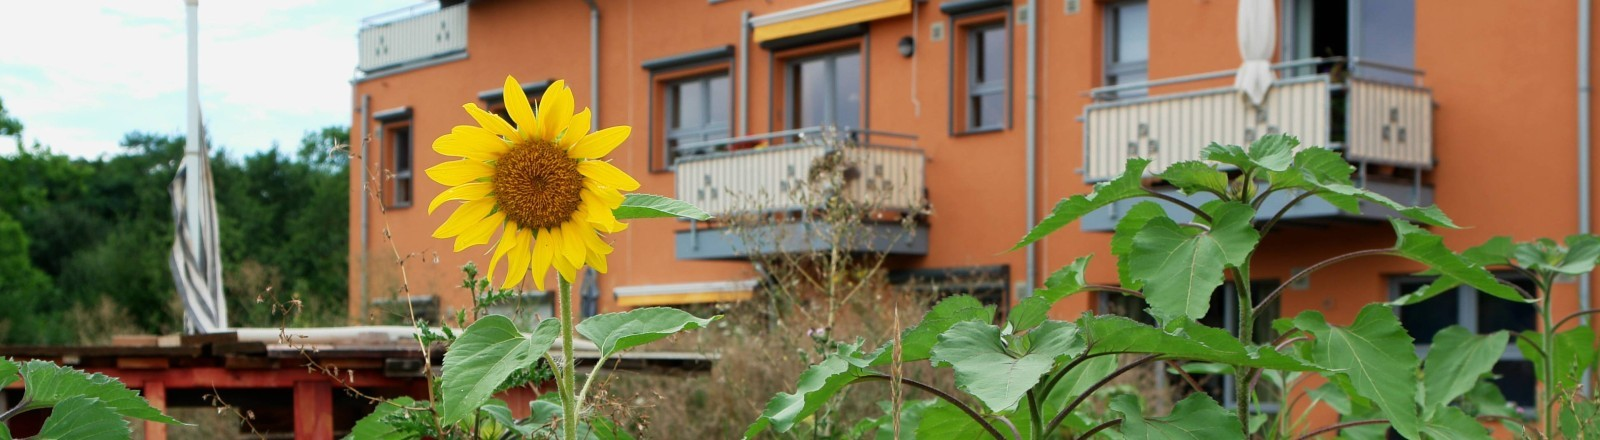 Eine Sonnenblume vor einem Mehrfamilienhaus